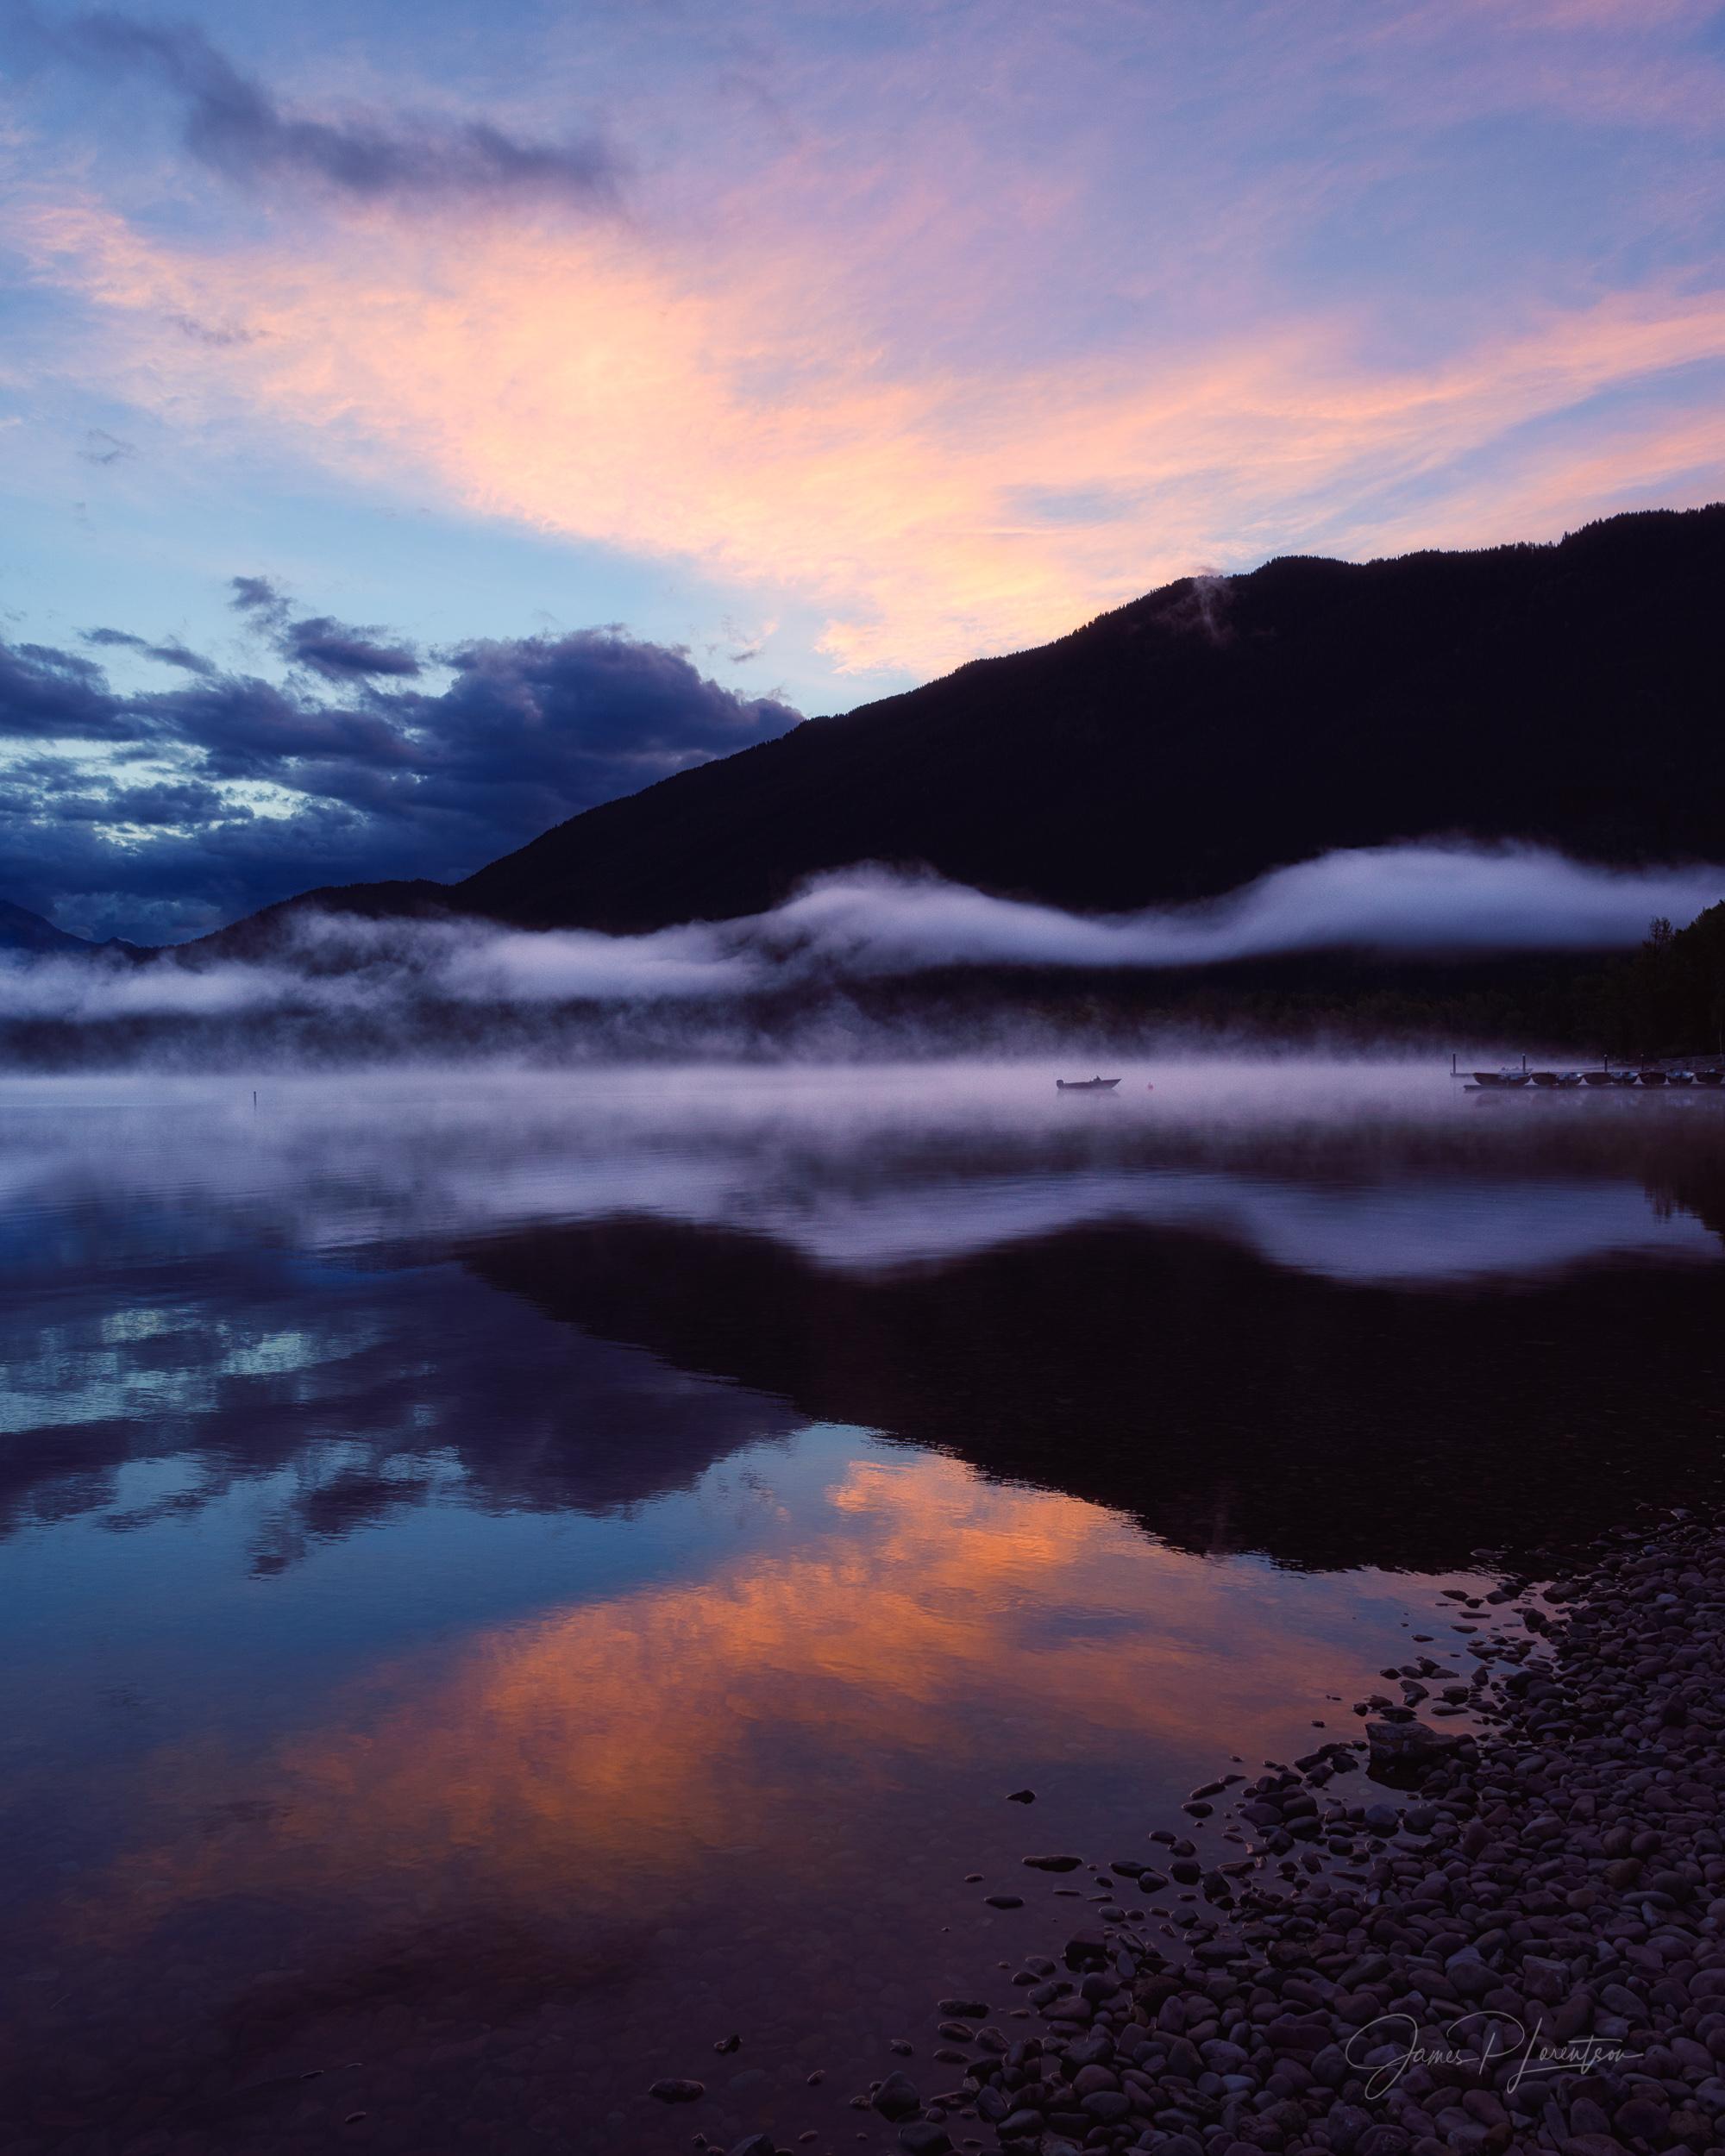 Dreamy Lake_JPL6357-Edit.jpg